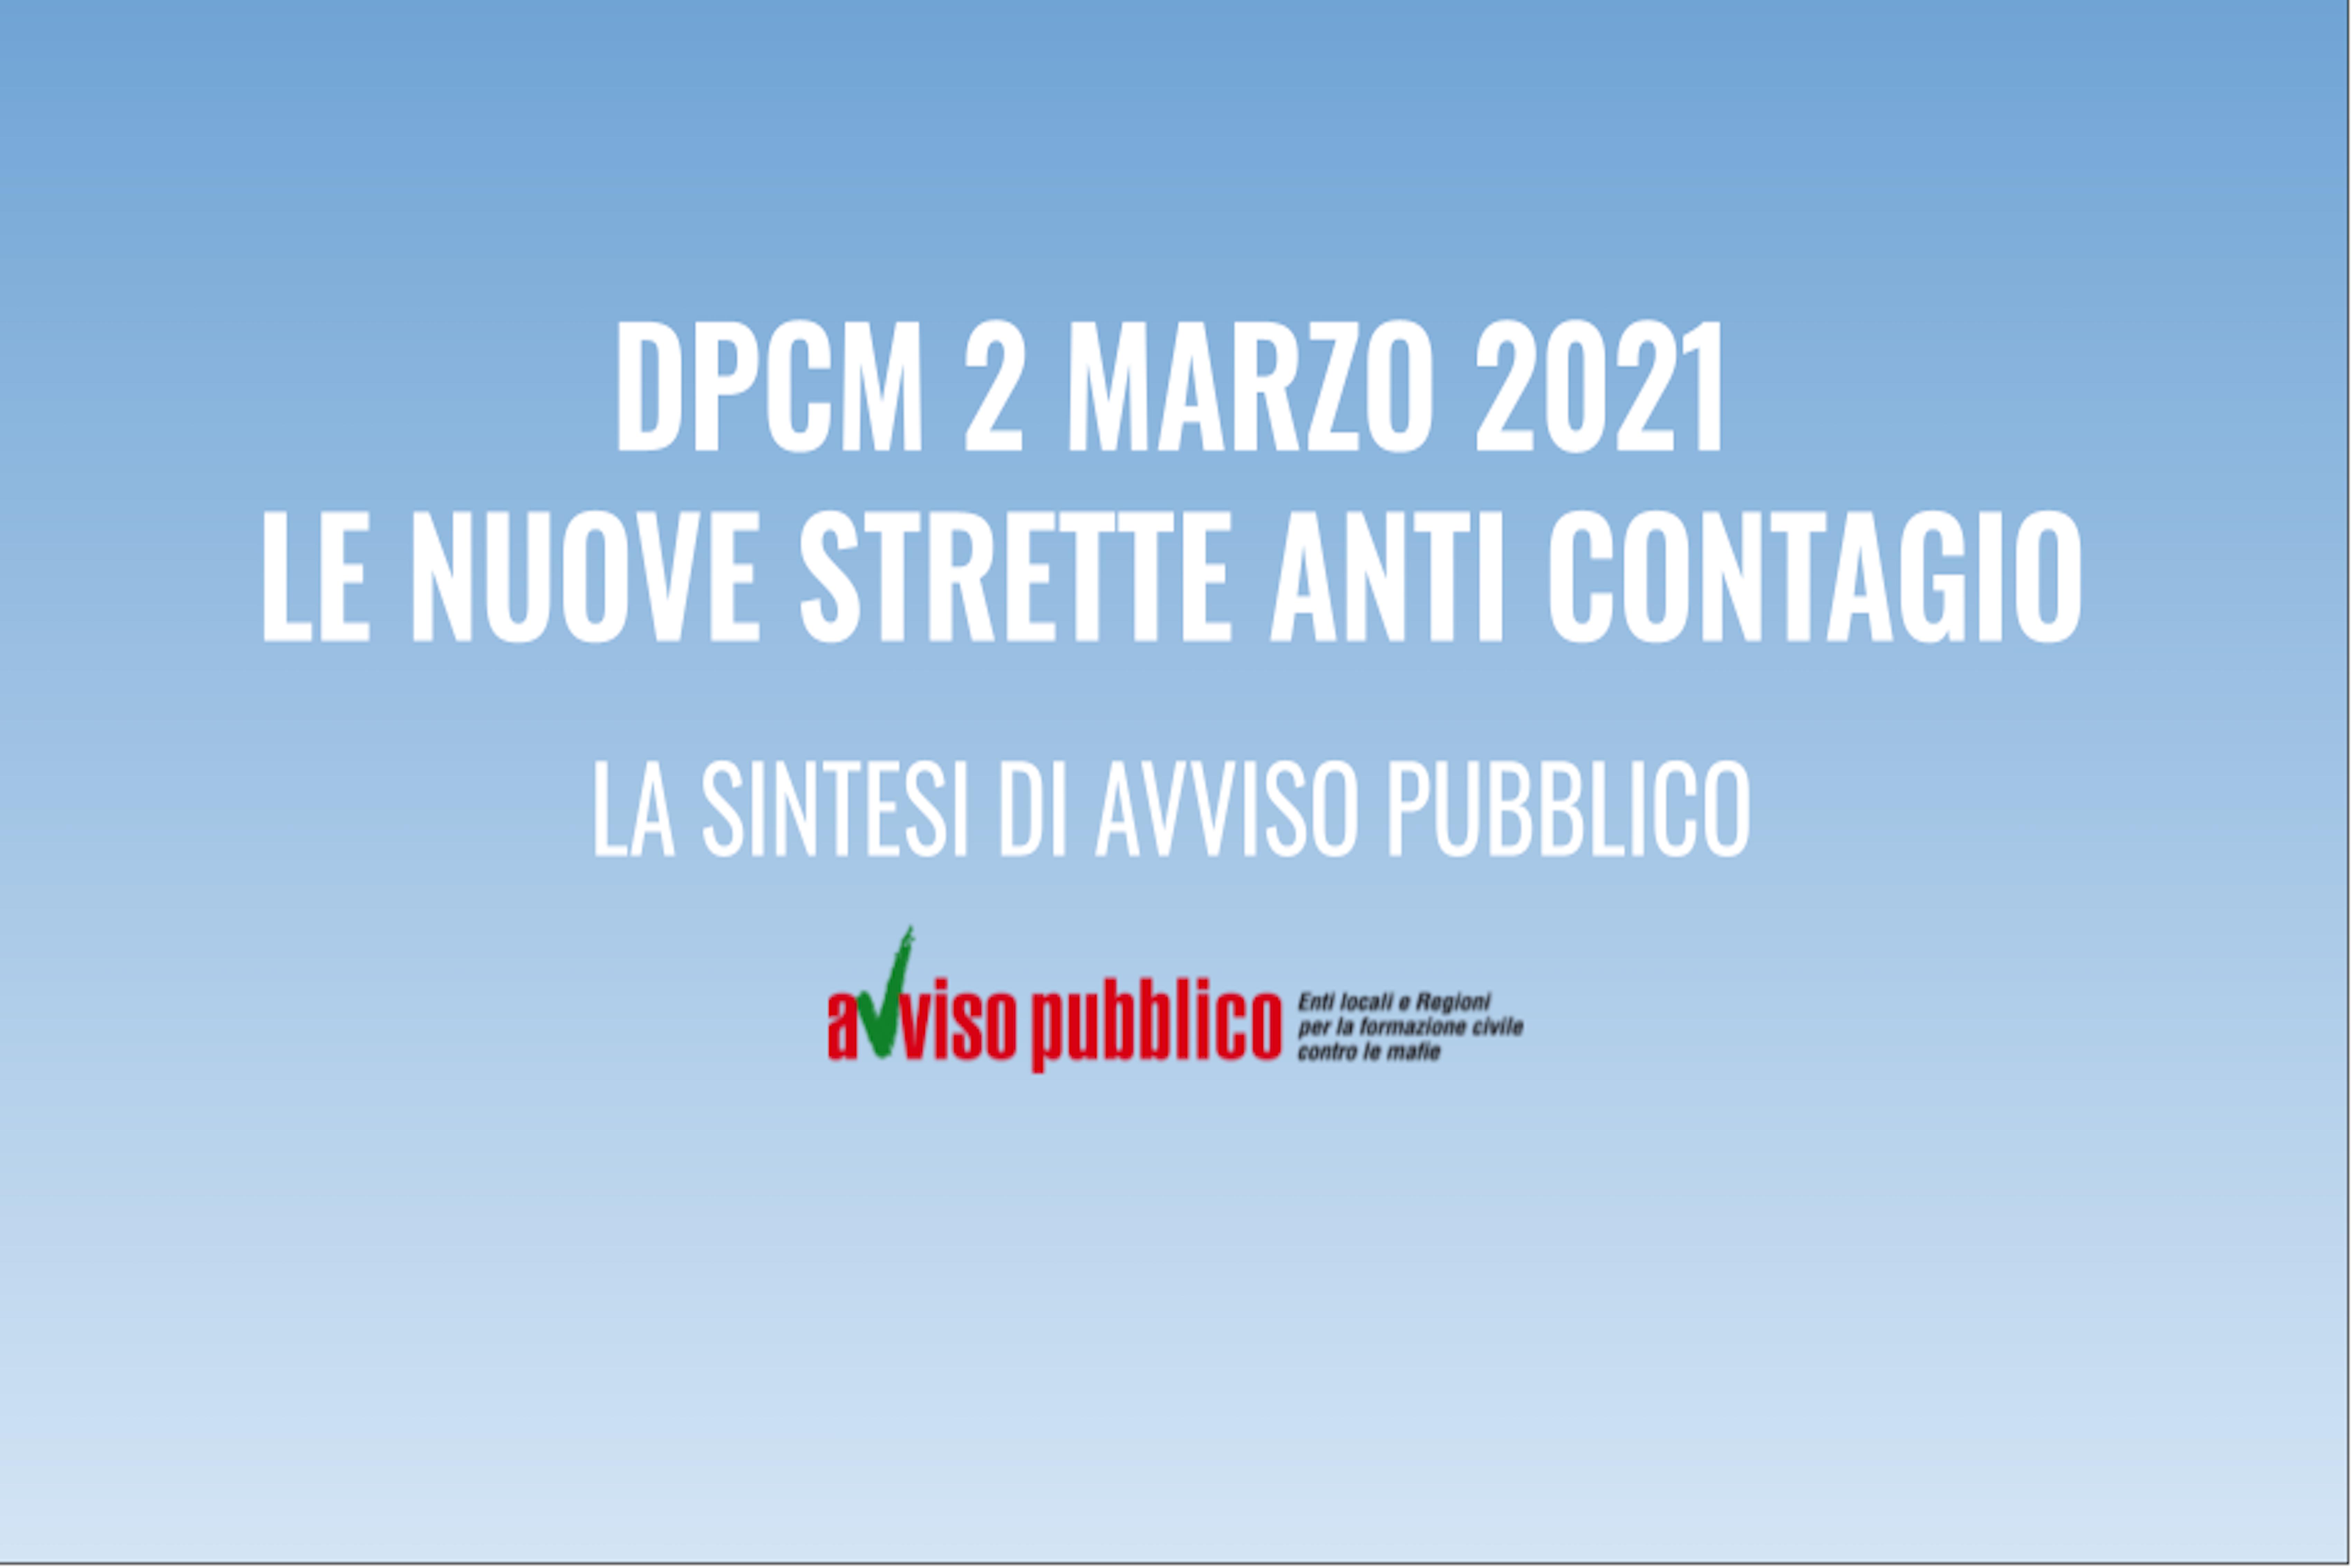 NUOVE STRETTE ANTI CONTAGIO, IL PRIMO DPCM DELL'ERA DRAGHI IN SINTESI